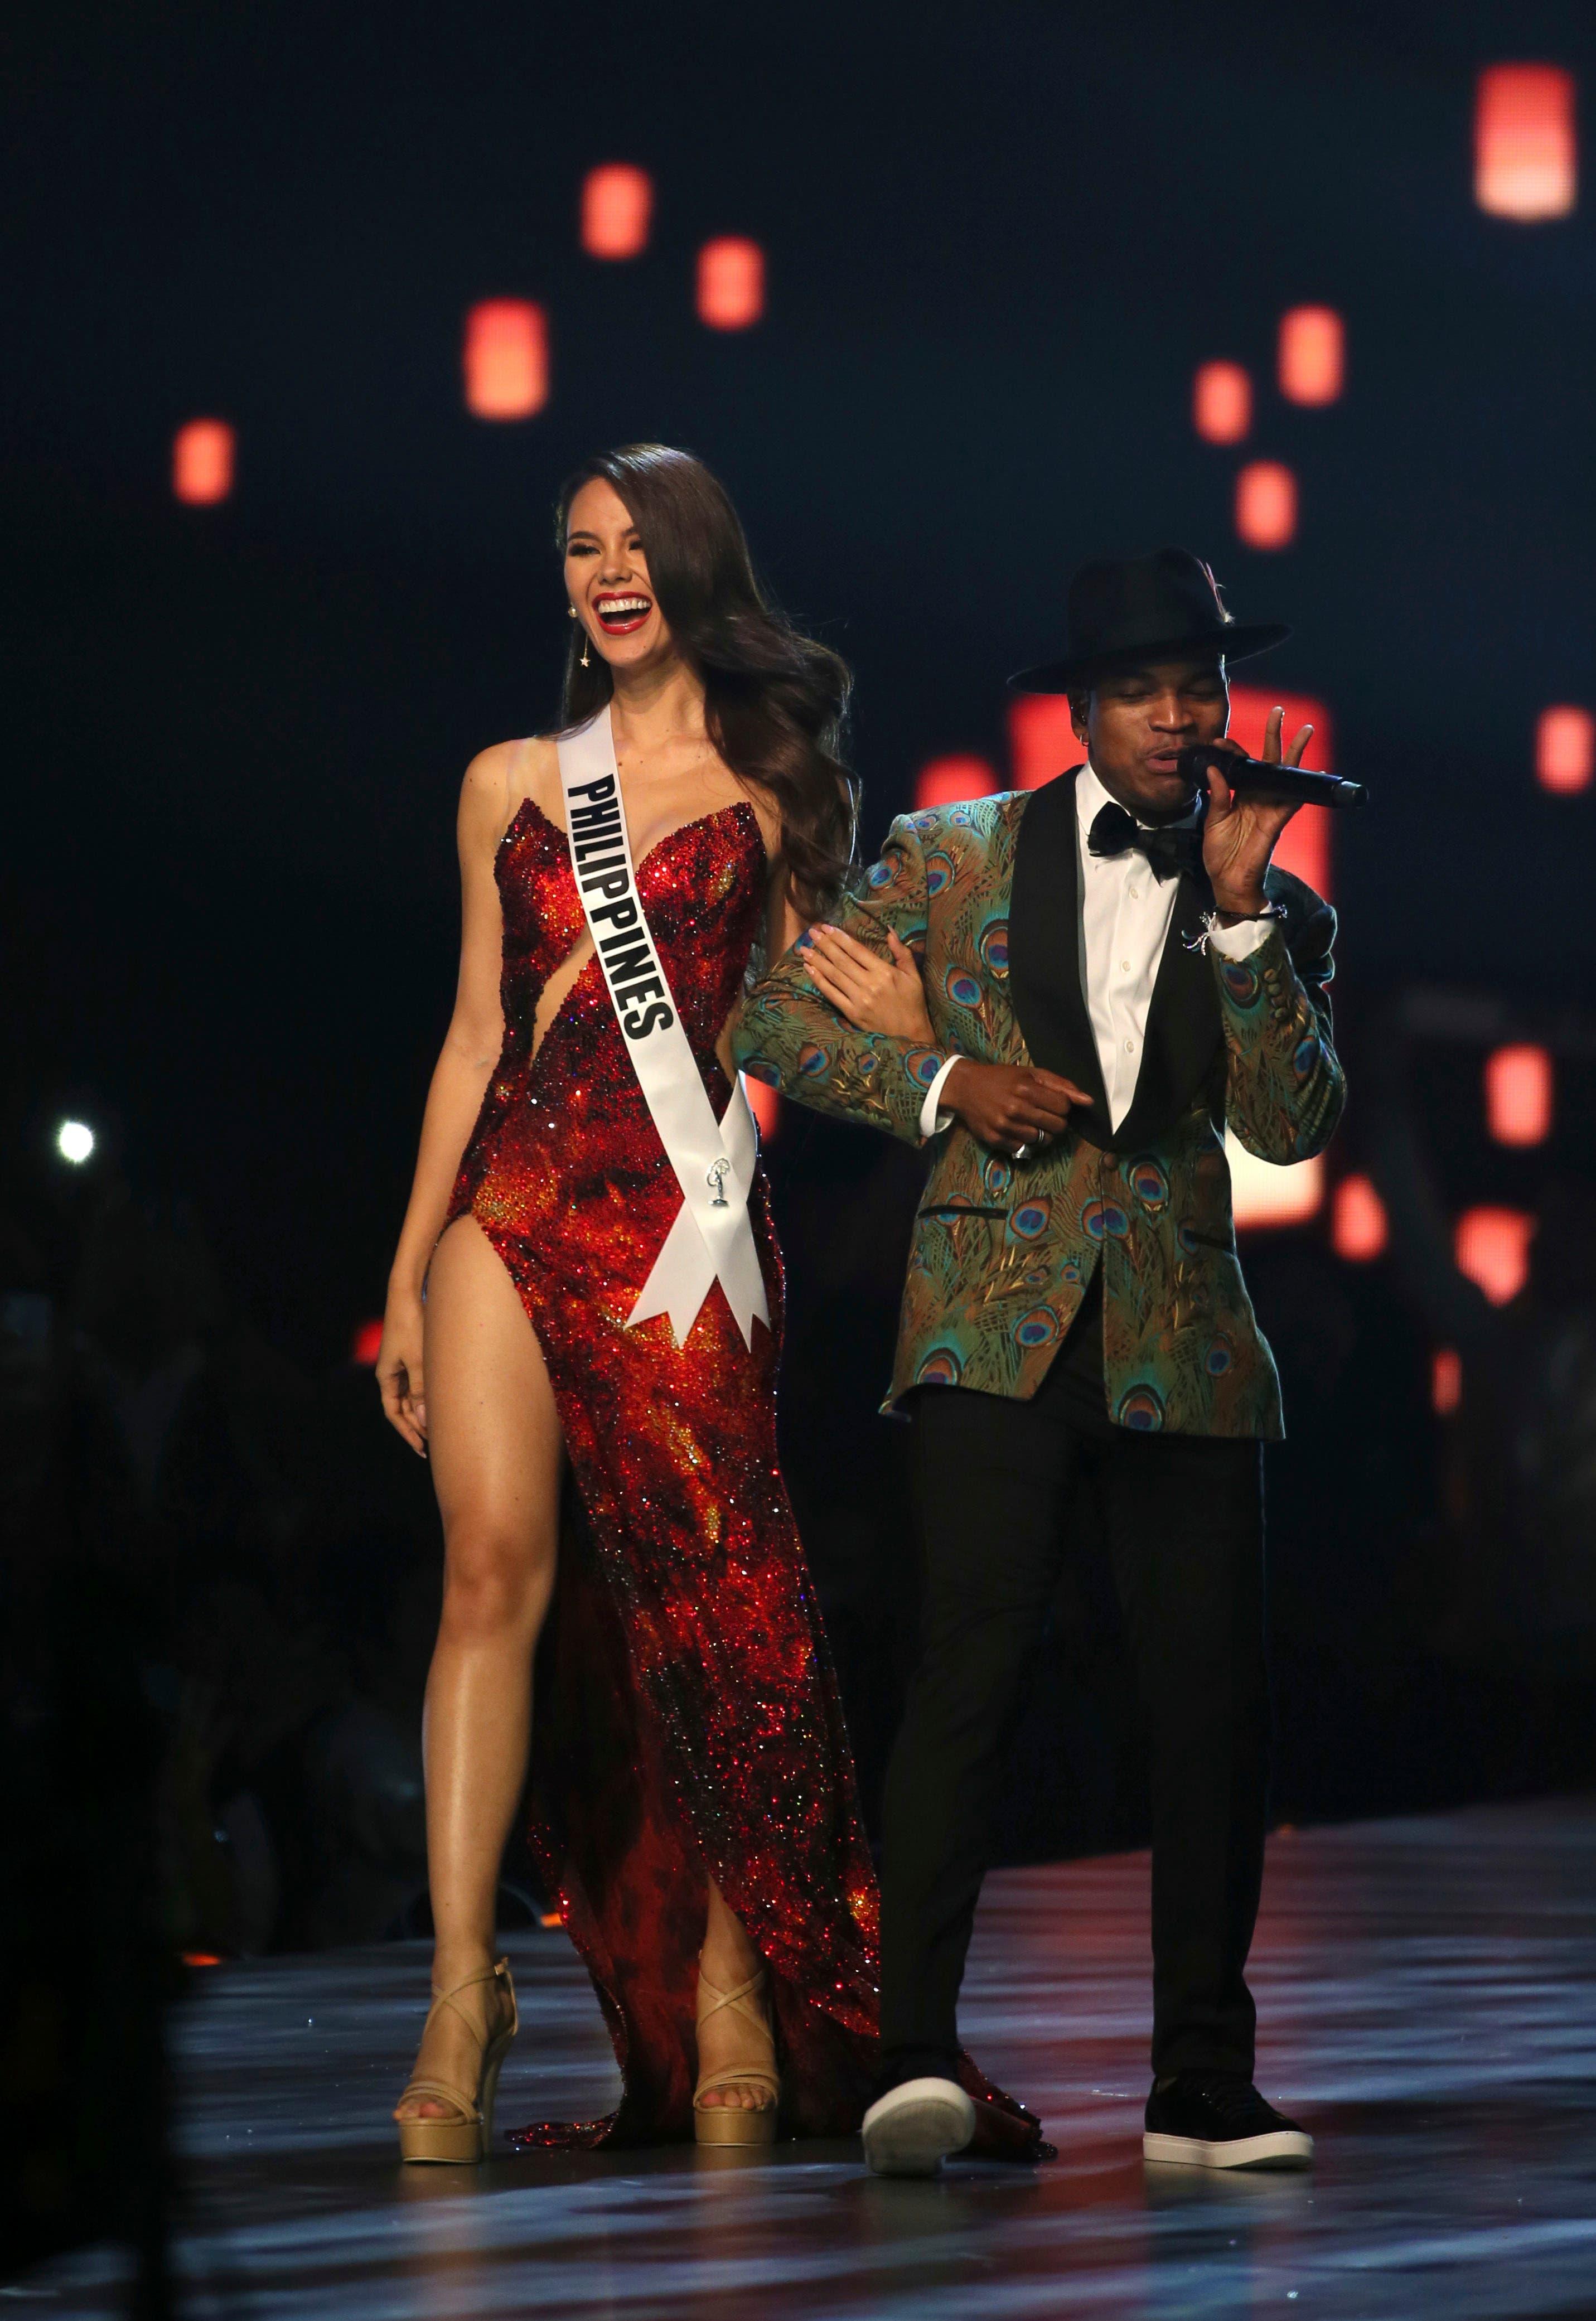 3. Miss Filipinas Catriona Gray desfila con el cantante Ne-Yo en la final de la 67ma edición de Miss Universo en Bangkok, Tailandia, el 17 de diciembre de 2018. (Foto AP/Gemunu Amarasinghe)